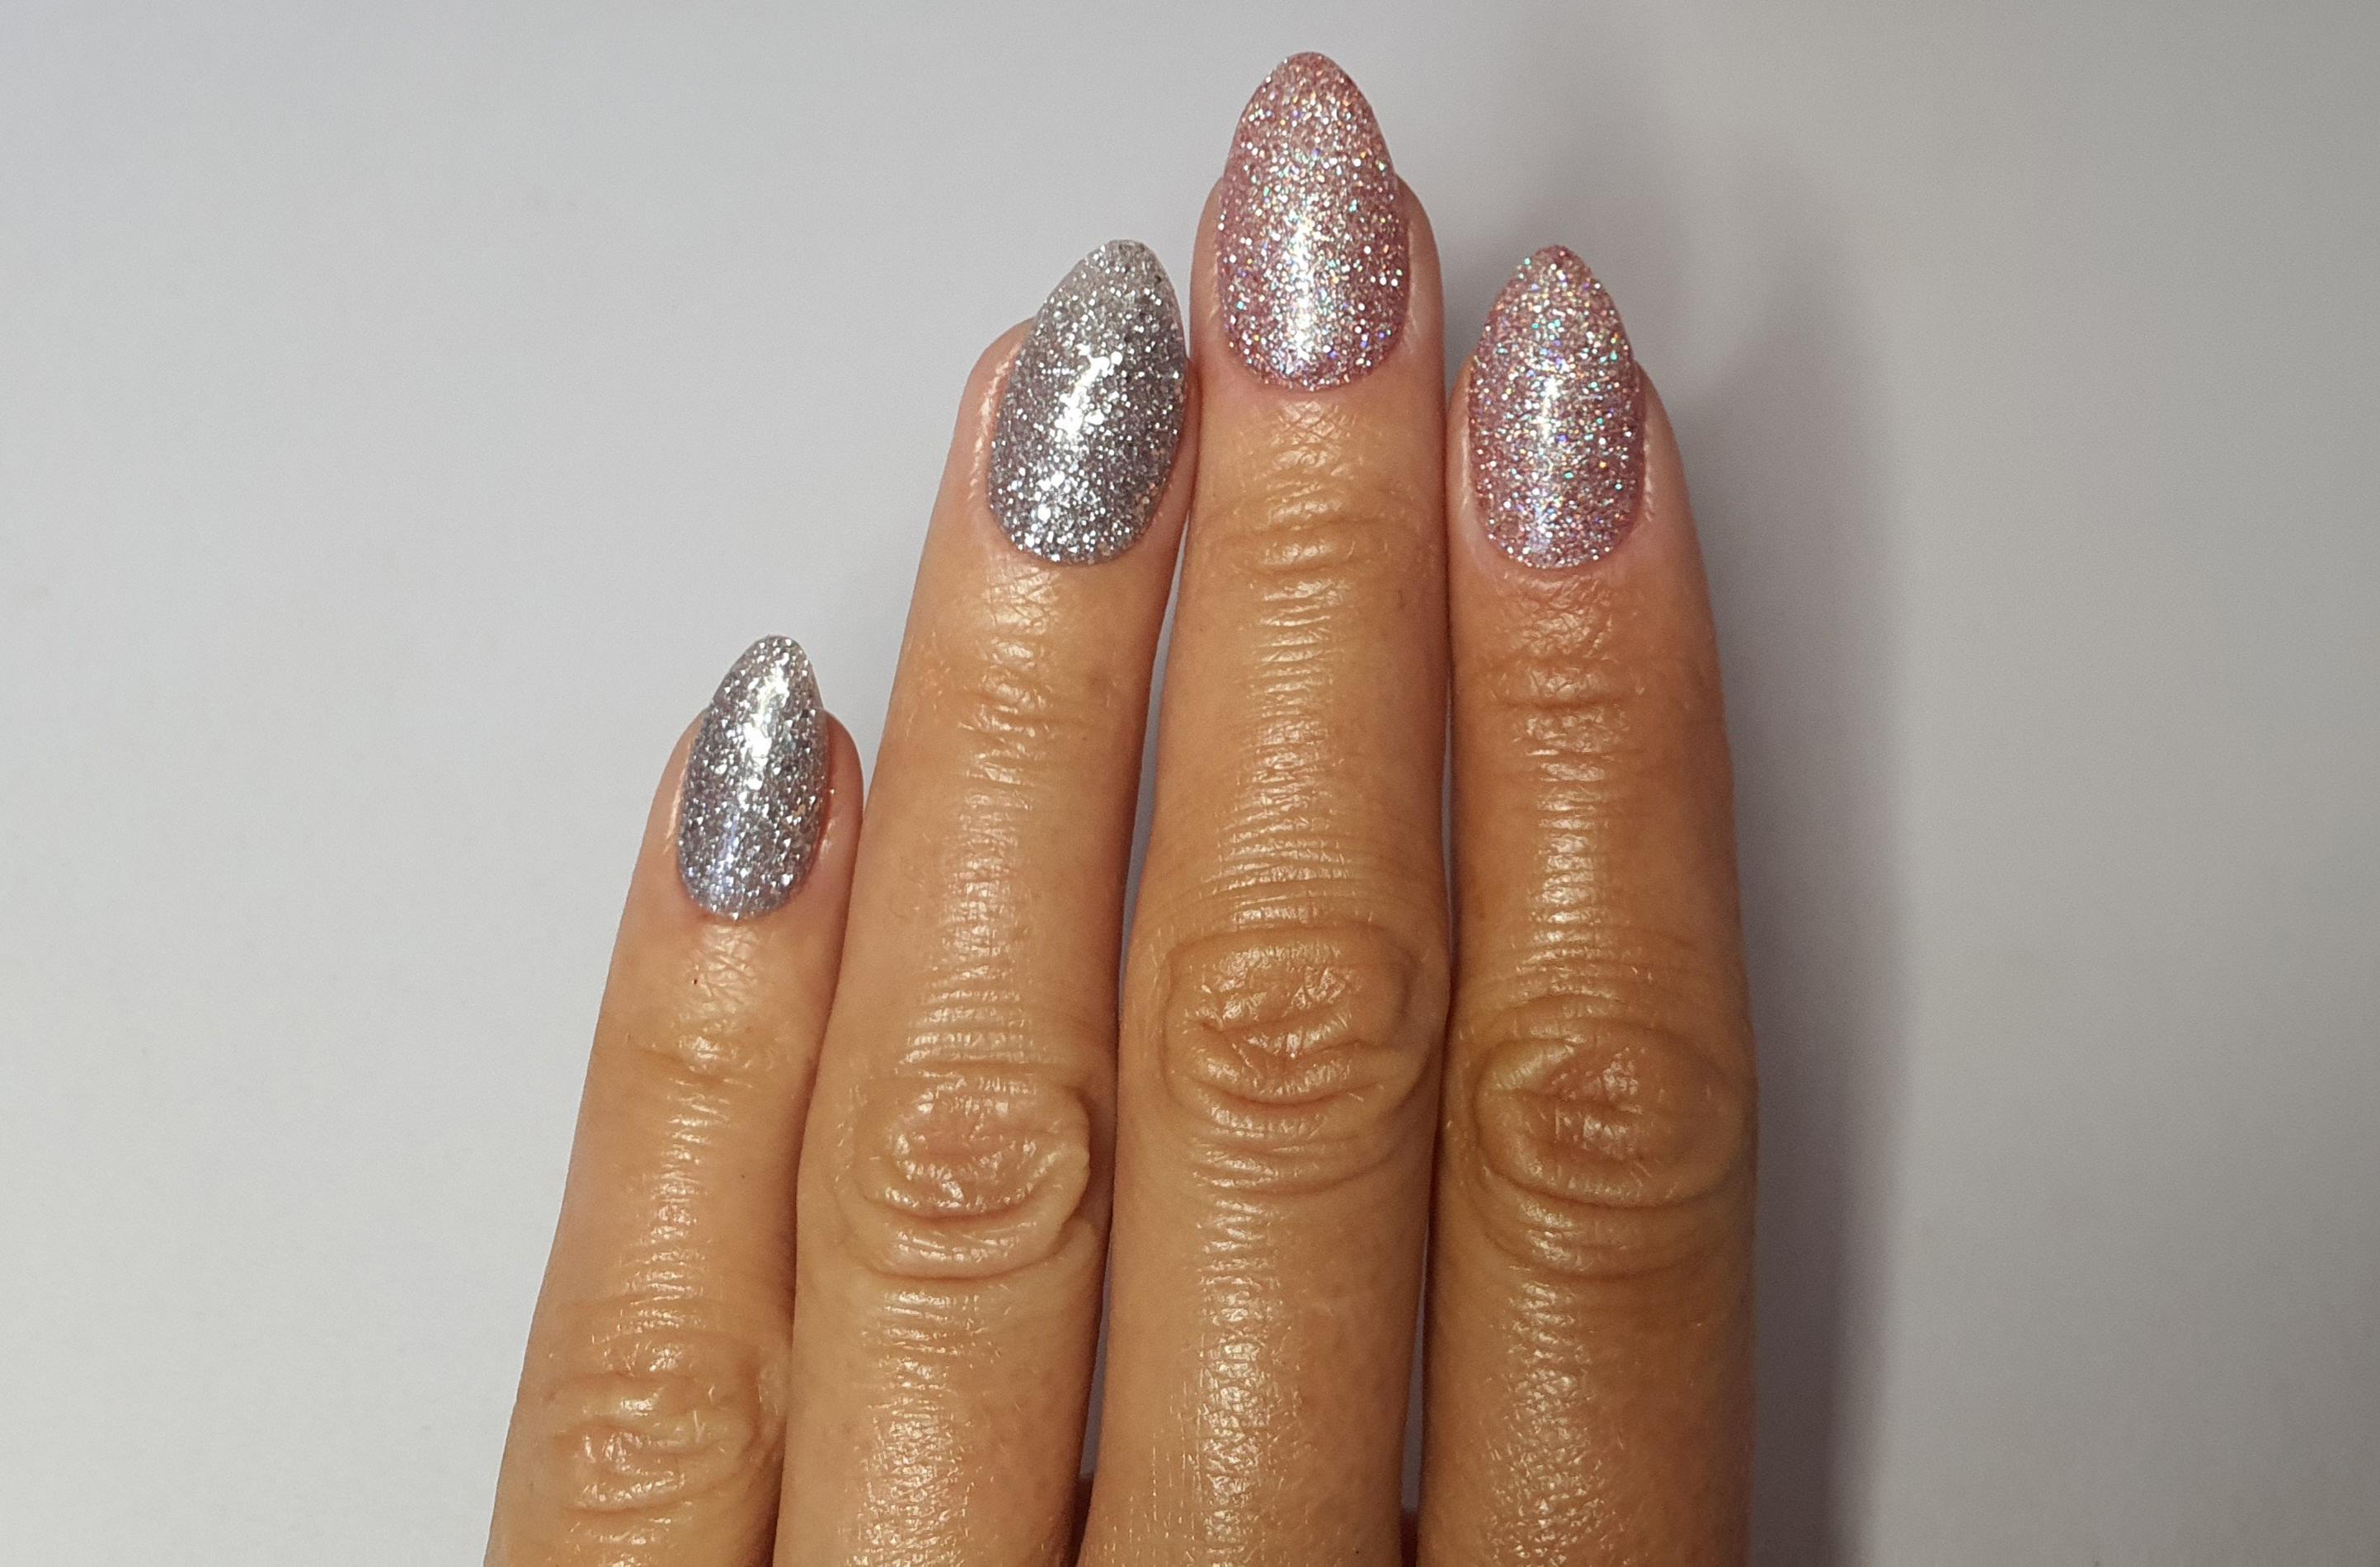 Salon System Gellux Nail Art